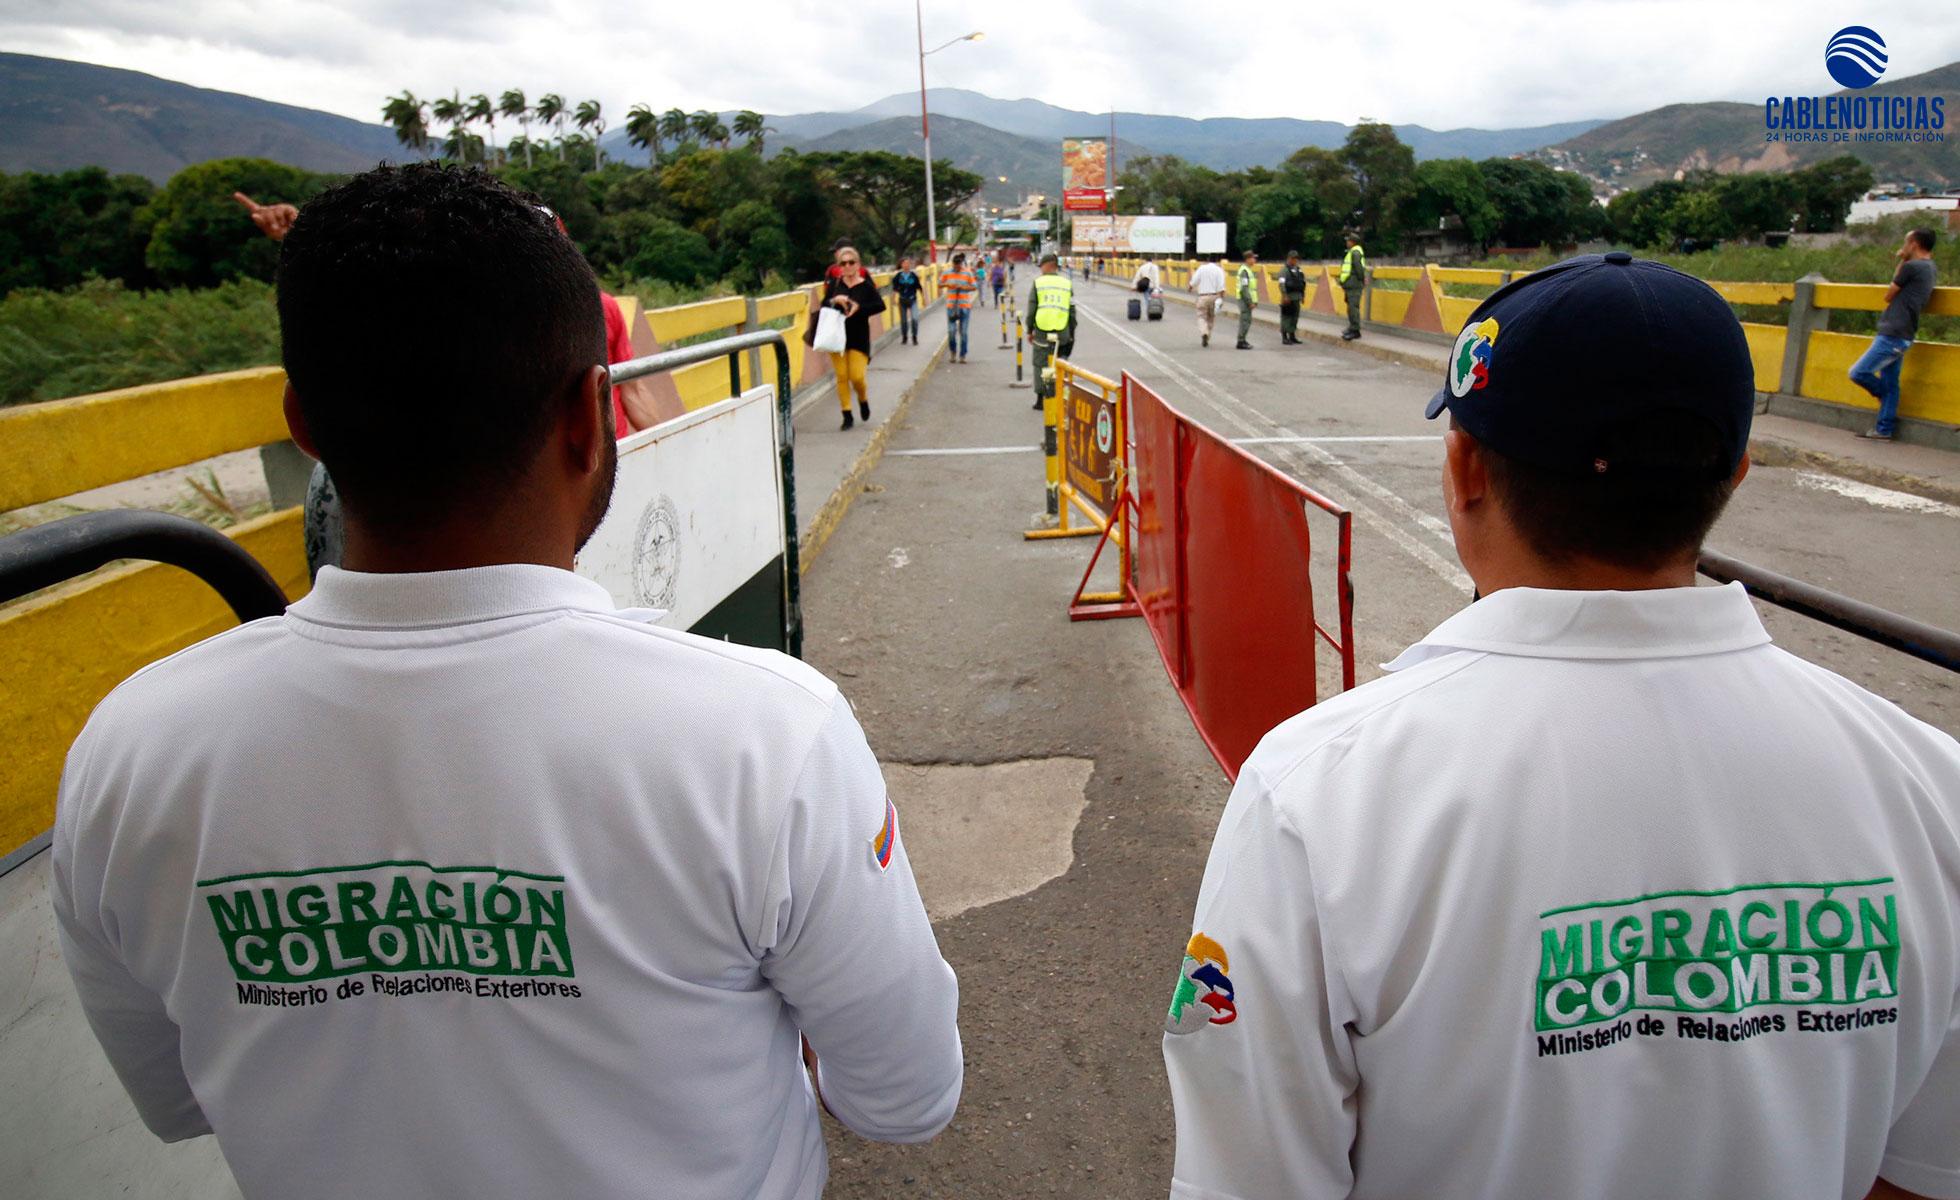 El riesgo de la xenofobia en Colombia por la inmigración venezolana